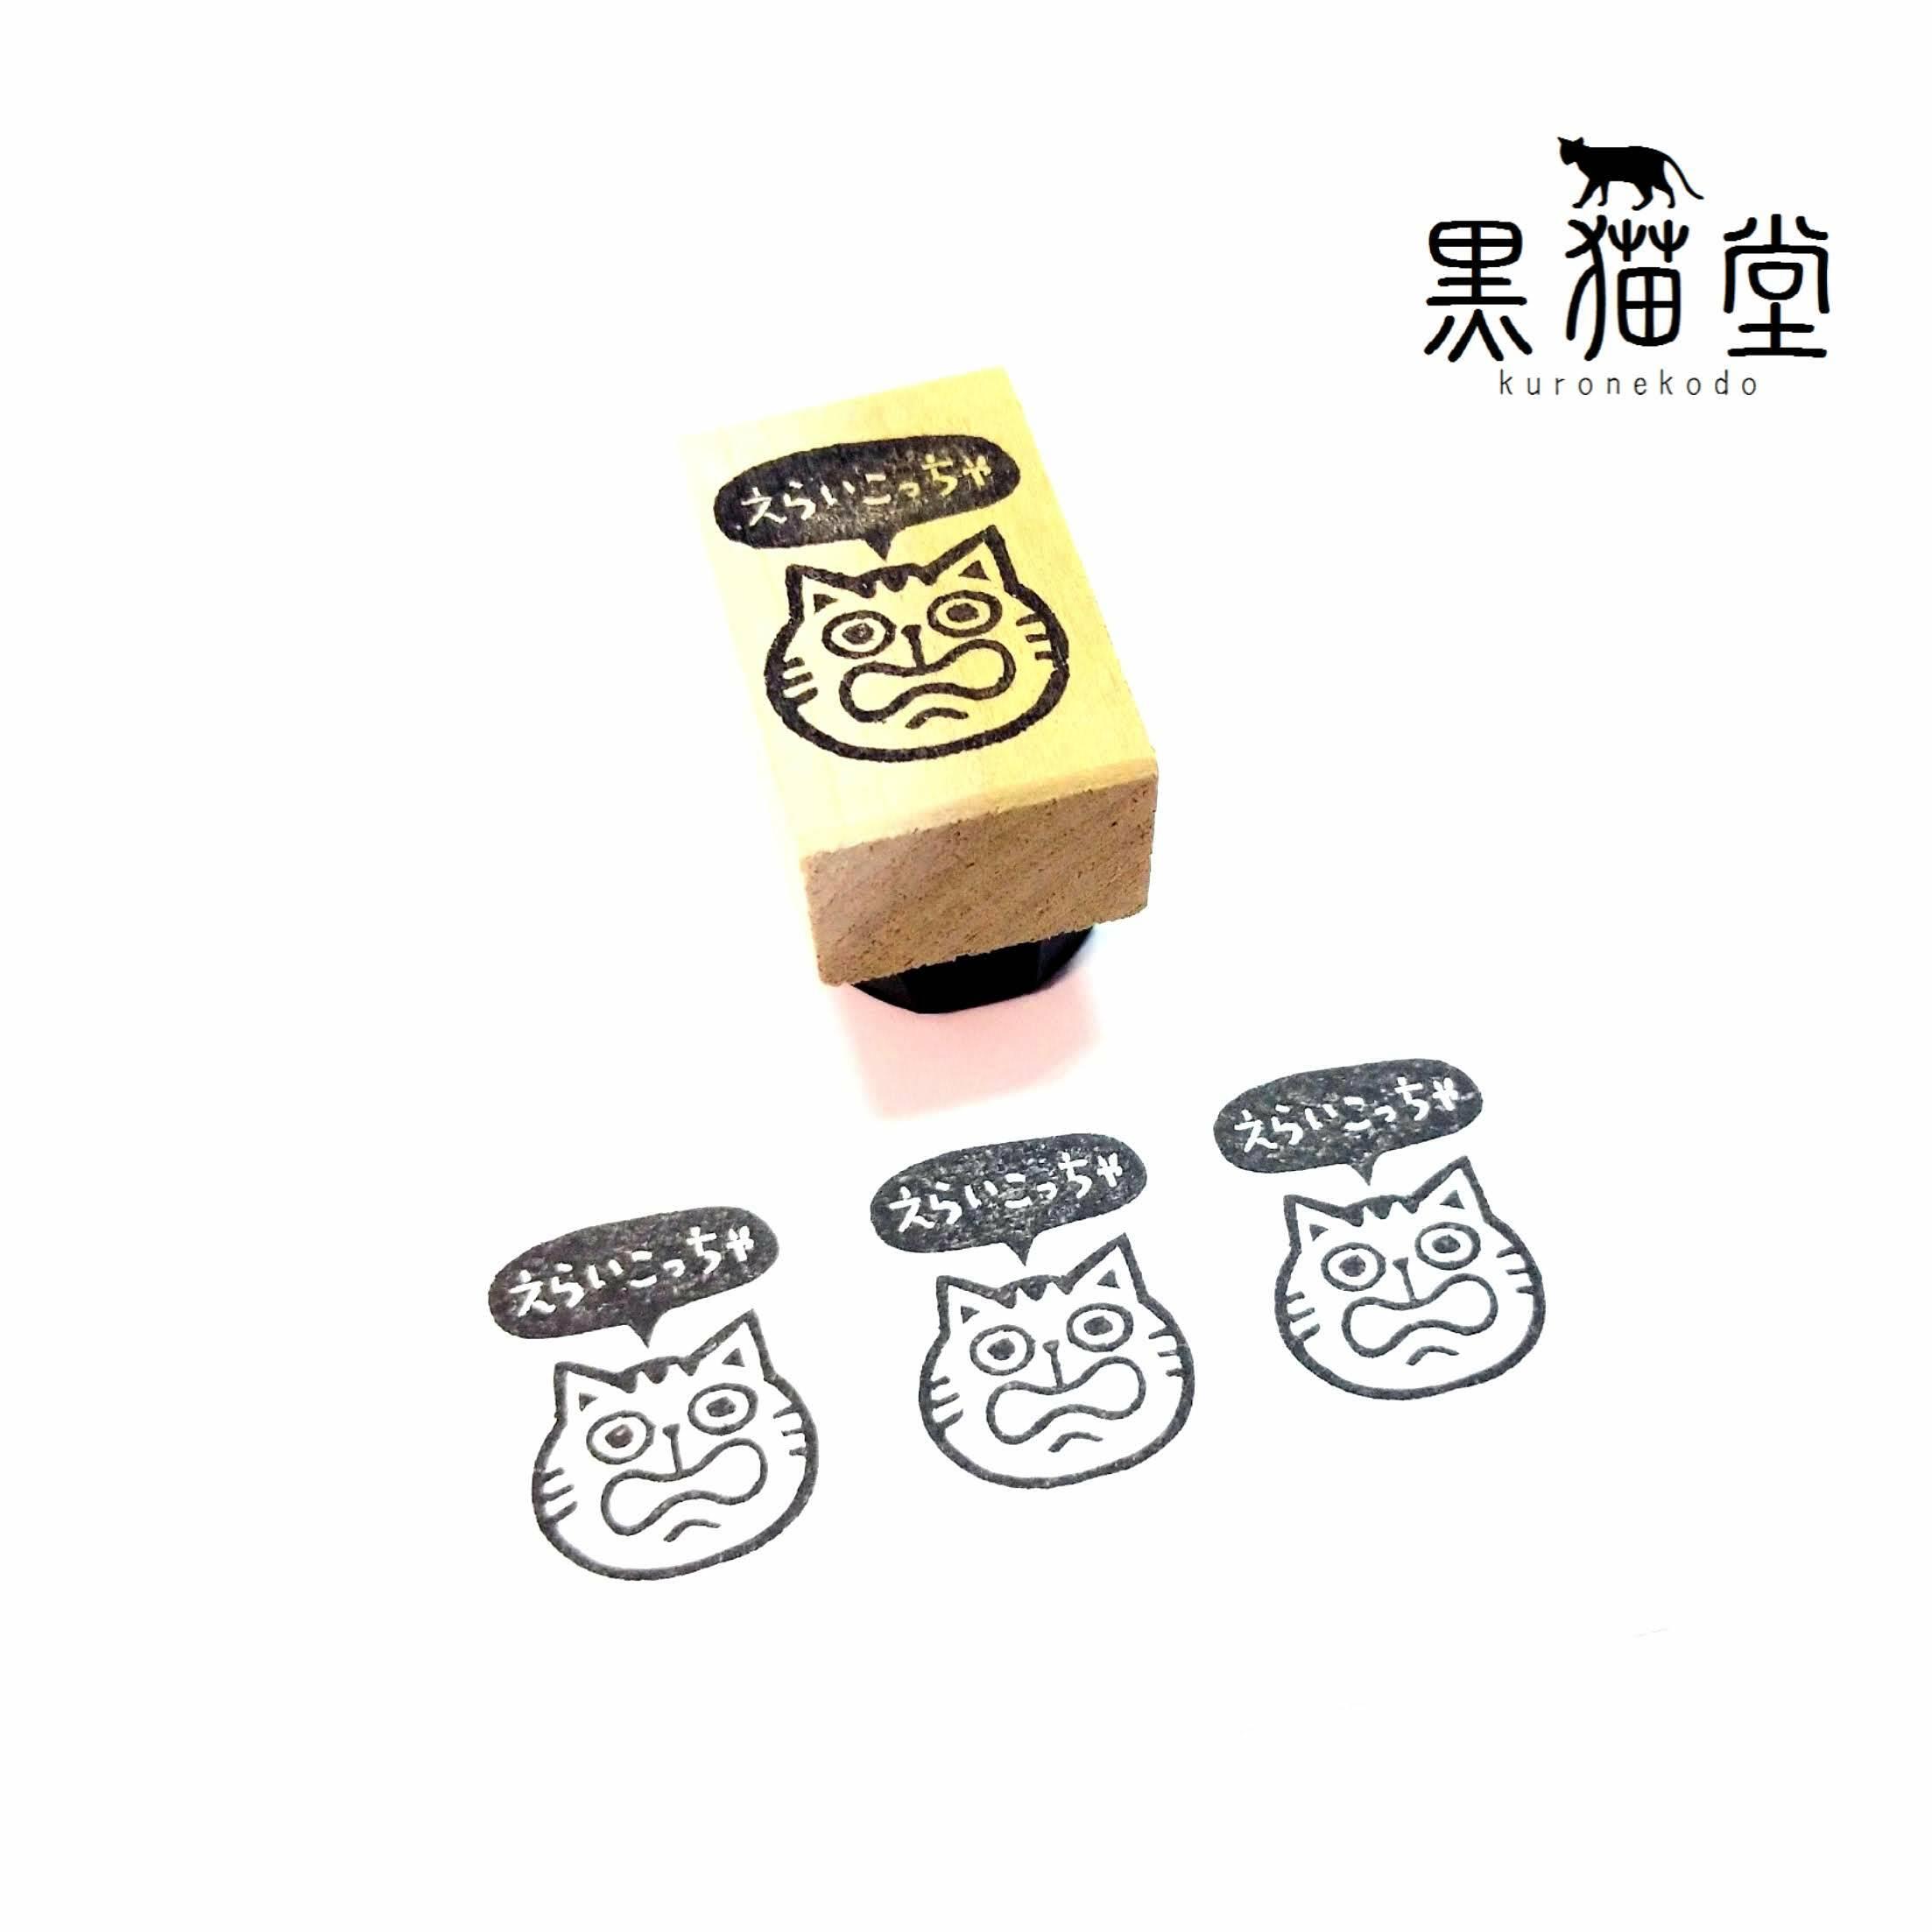 関西弁ネコ「えらいこっちゃ」